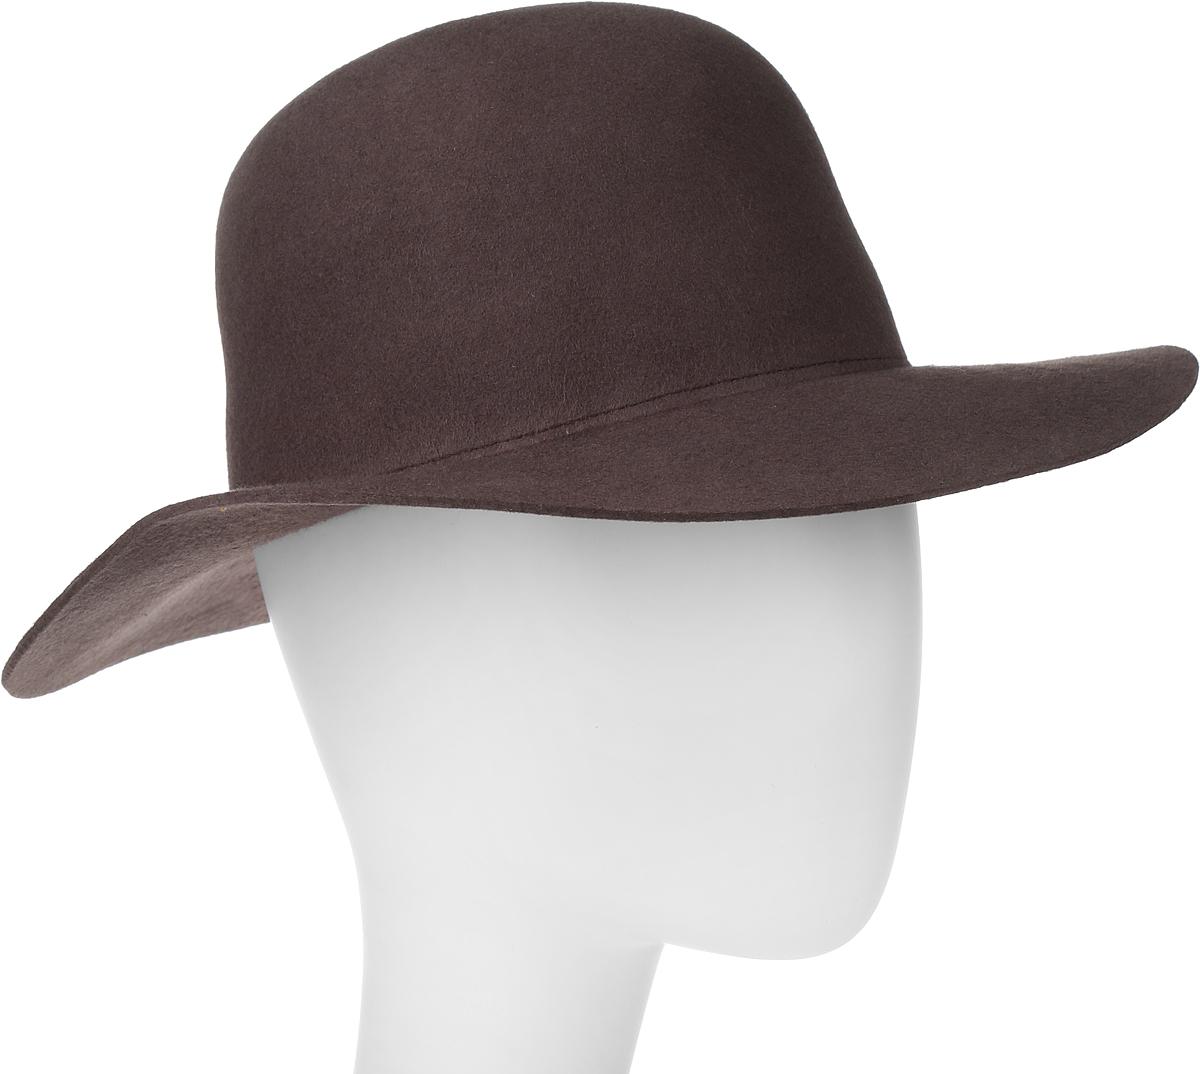 Шляпа Goorin Brothers, цвет: темно-коричневый. 100-9697. Размер M (57)100-9697Элегантная шляпа Goorin Brothers, выполненная из шерстяного фетра, дополнит любой образ. Модель с конструкцией тульи open crown и прямыми полями. Особенность такой шляпы в том, что Вы можете сформировать продольную вмятину на тулье и защипы по её бокам собственноручно - эластичный фетр легко поддаётся корректировке пальцами.Такая шляпа подчеркнет вашу неповторимость и прекрасный вкус. За счёт своей свободной конструкции модель большемерит.